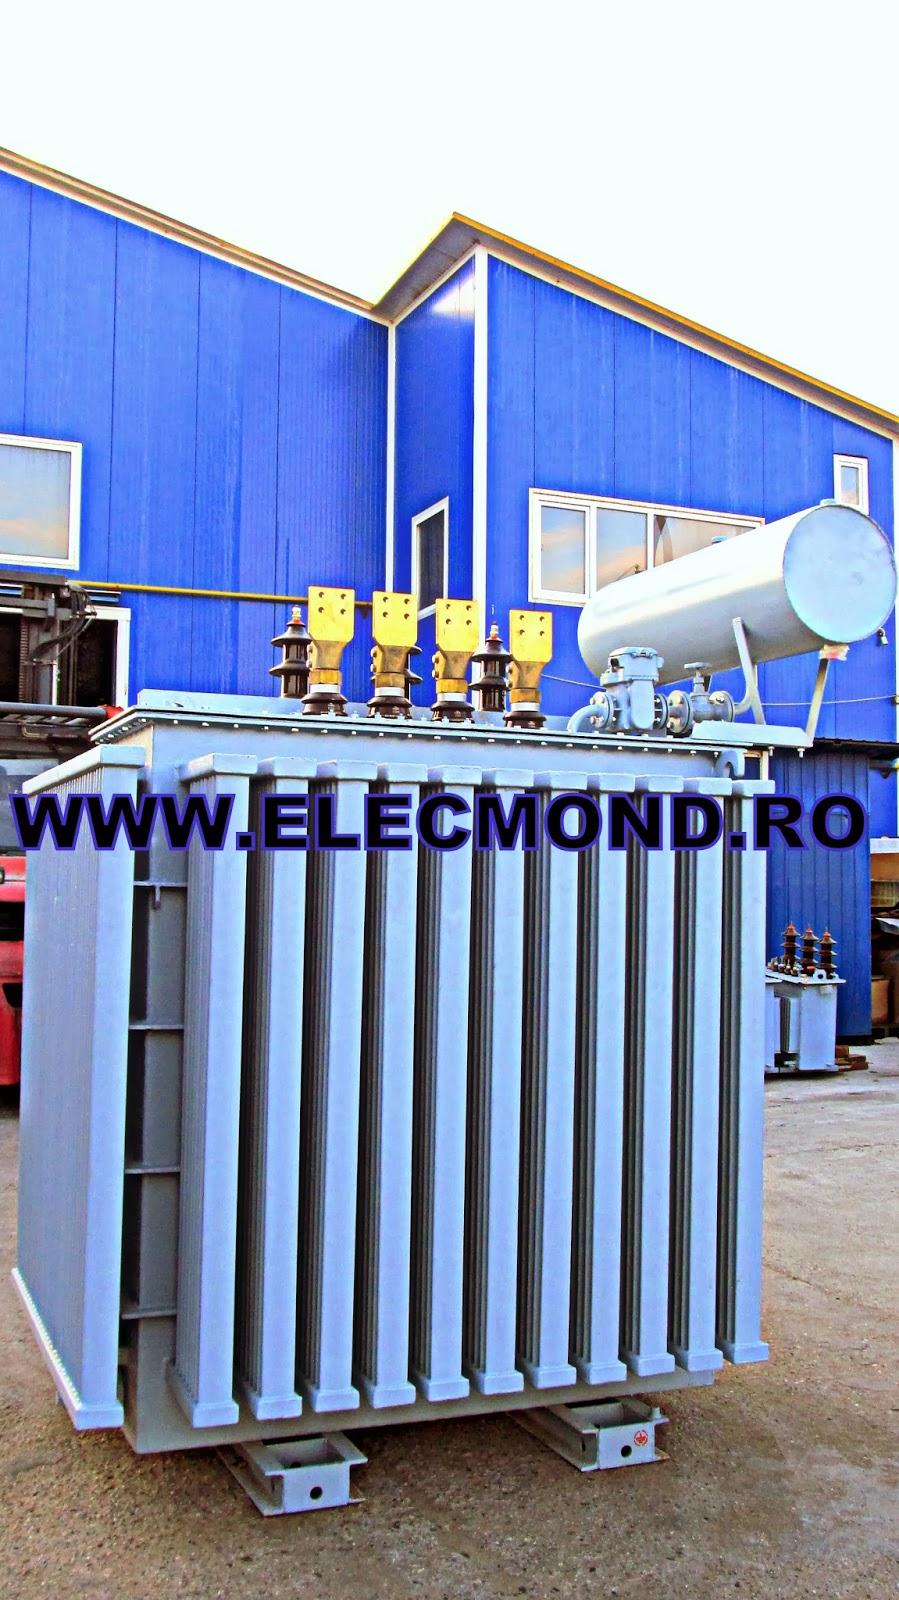 Oferta transformatoare , transformatoare electrice ,, elecmond  , transformator , preturi transformatoare , transformator de putere , 1000kVA, 1600kVA, 400kVA , 2000kVA, 630kVA